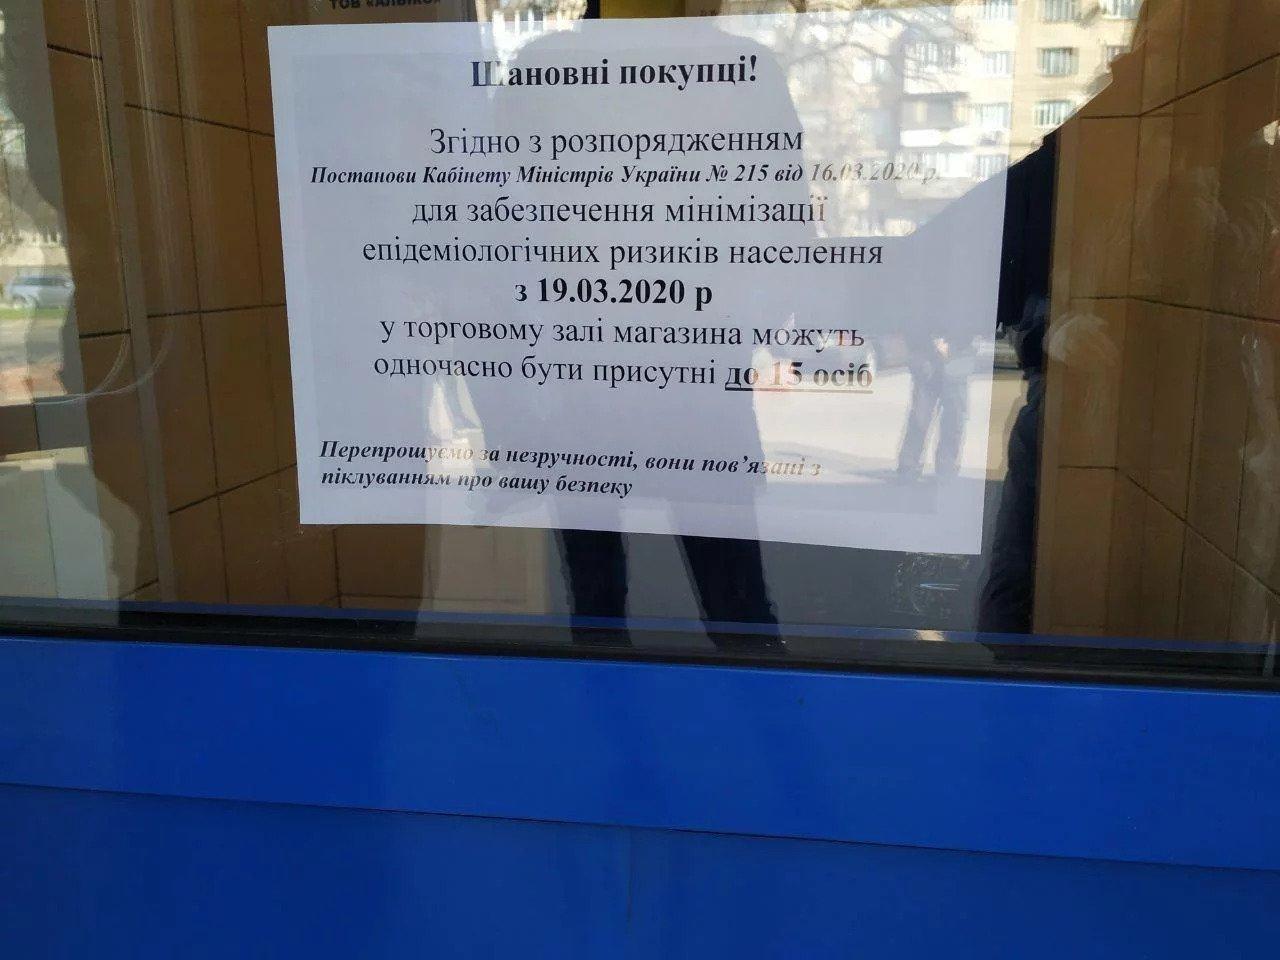 В магазины АТБ начали пускать по 15 человек за раз